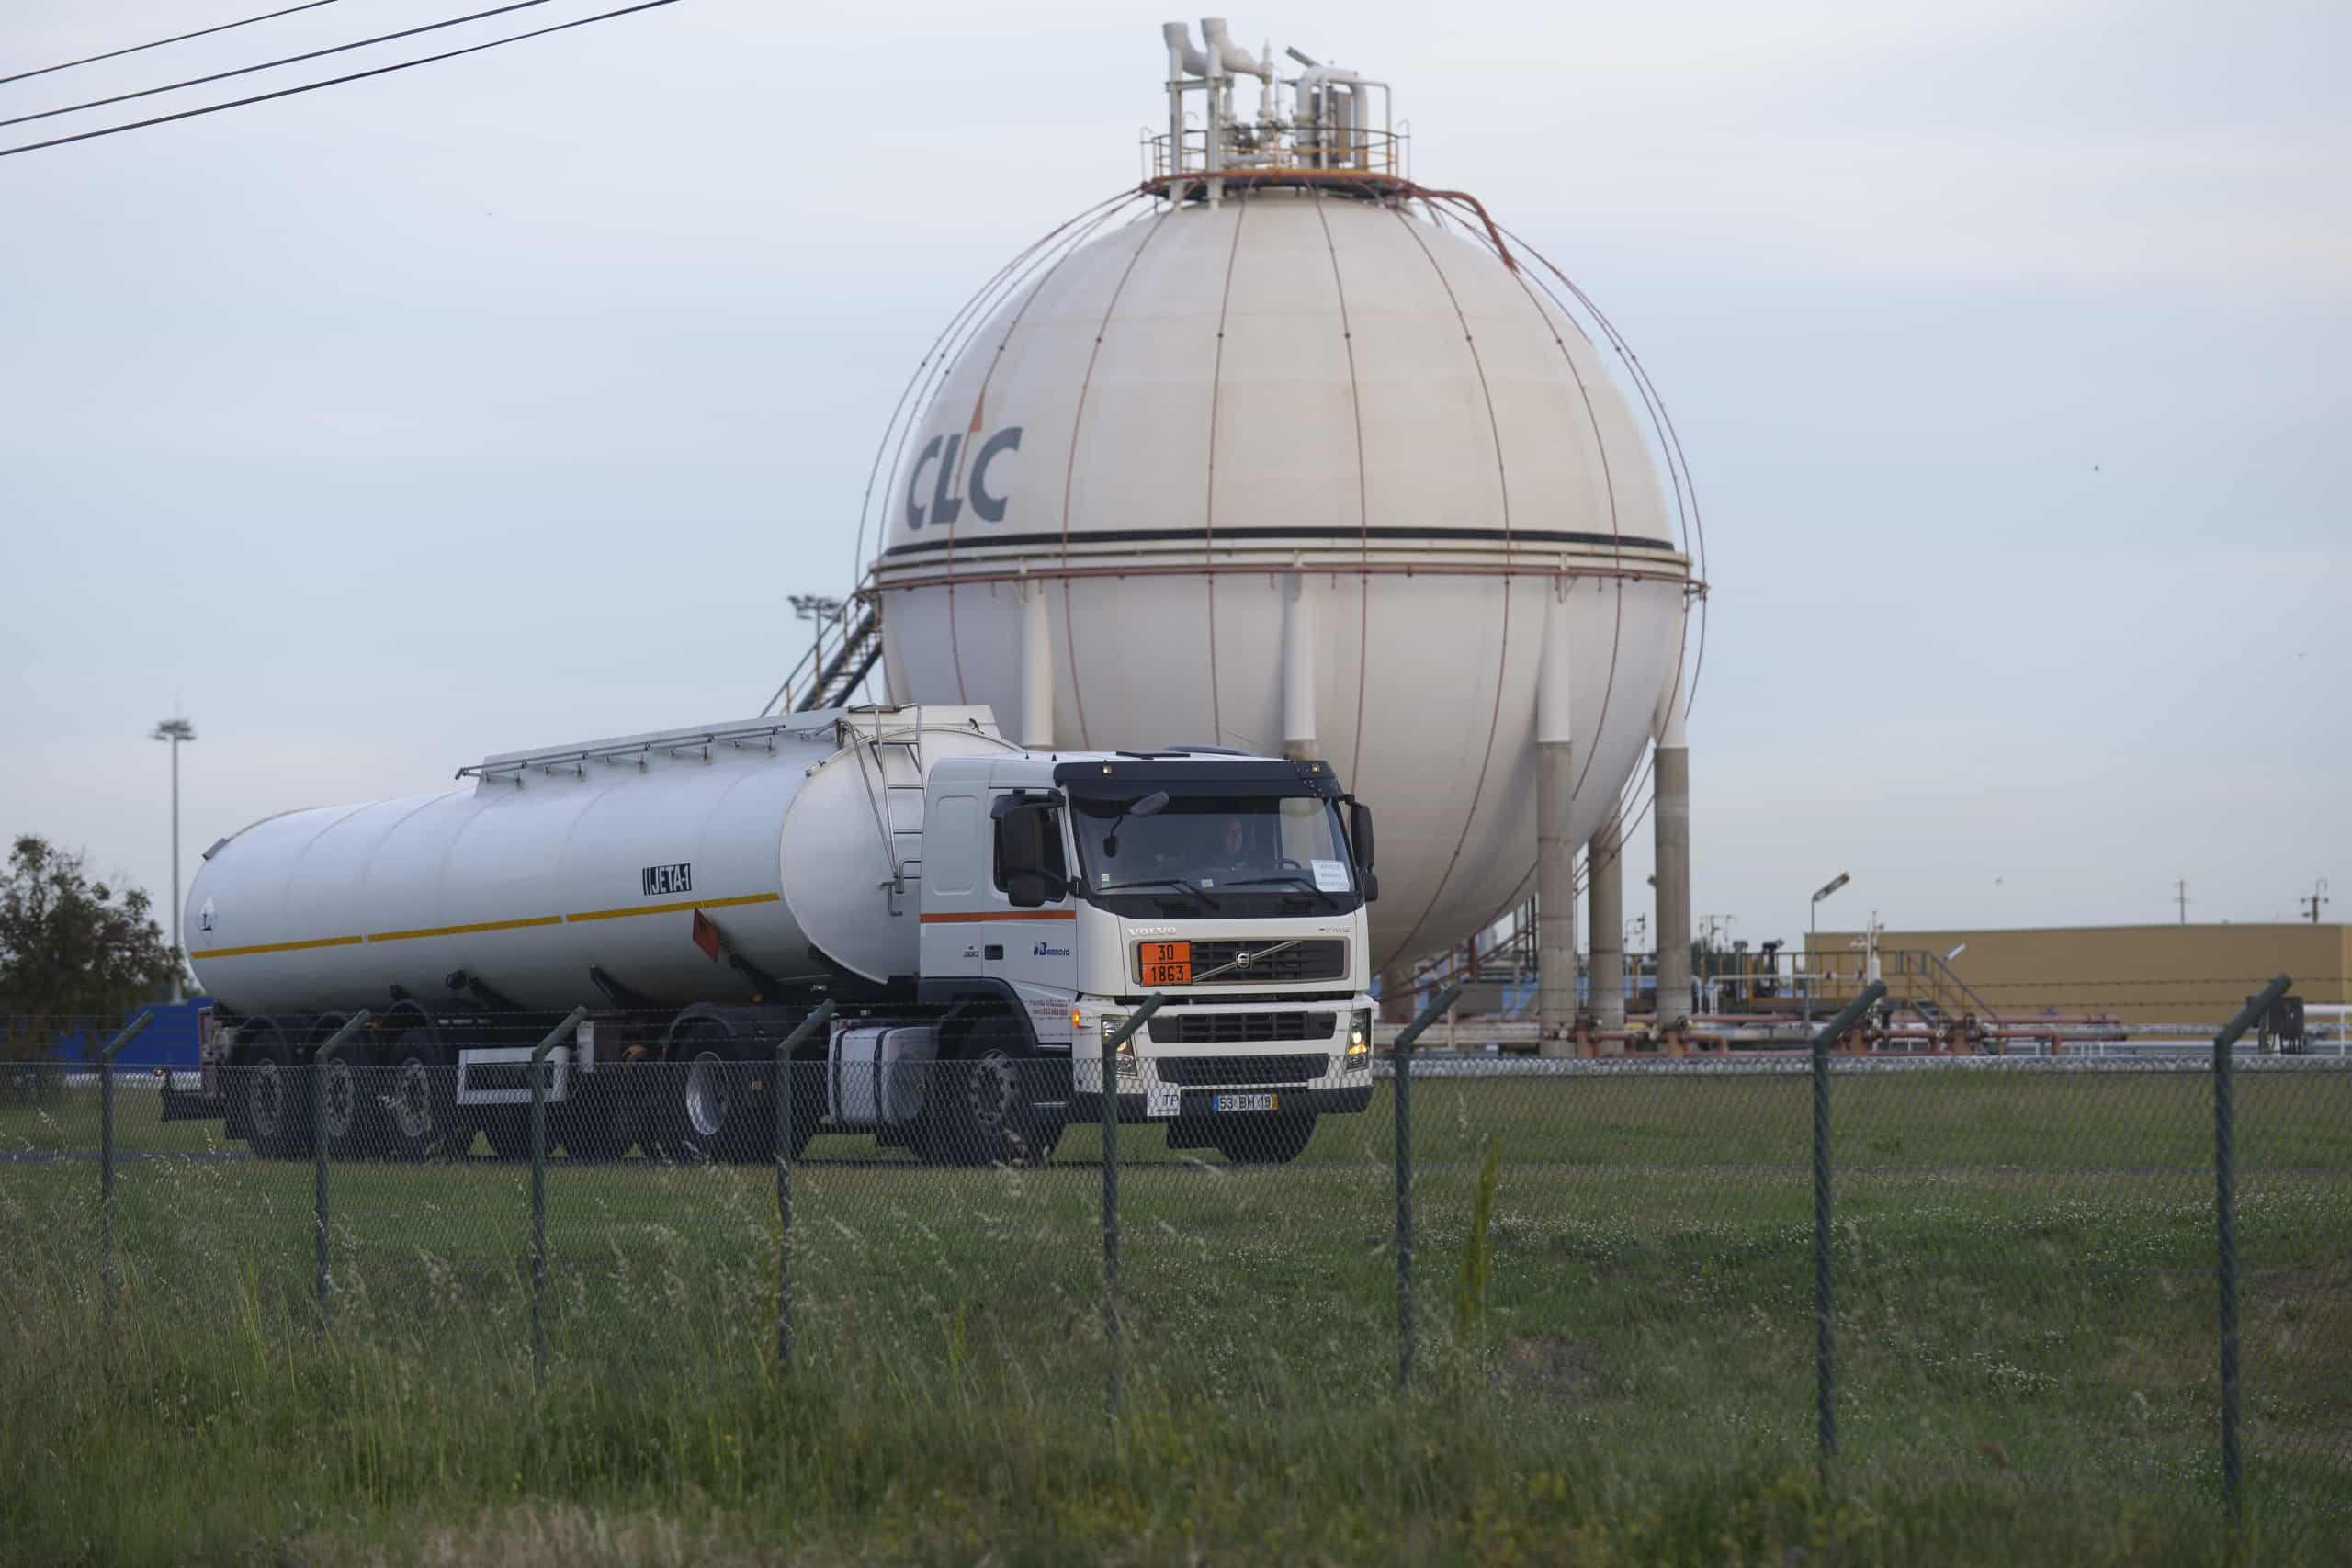 """Apetro admite que há """"número significativo"""" de postos sem combustível"""